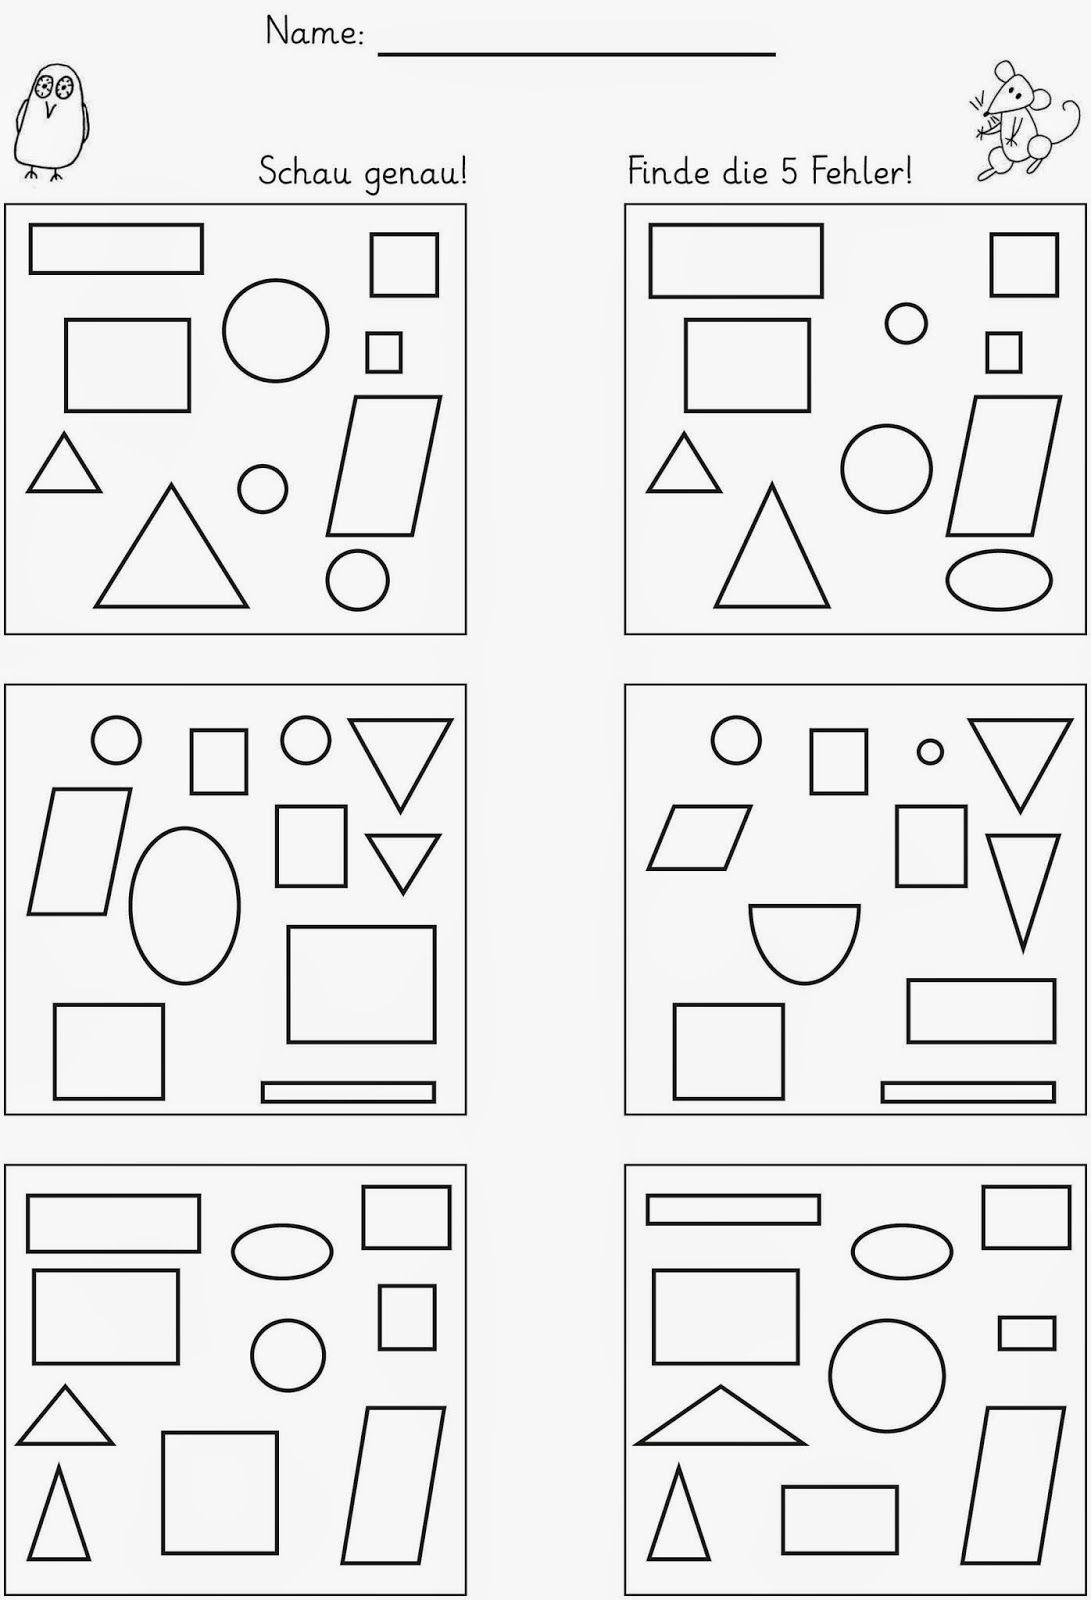 hier vier arbeitsbl tter zum unterschiede finden lg gille schrift grundschrift will software. Black Bedroom Furniture Sets. Home Design Ideas